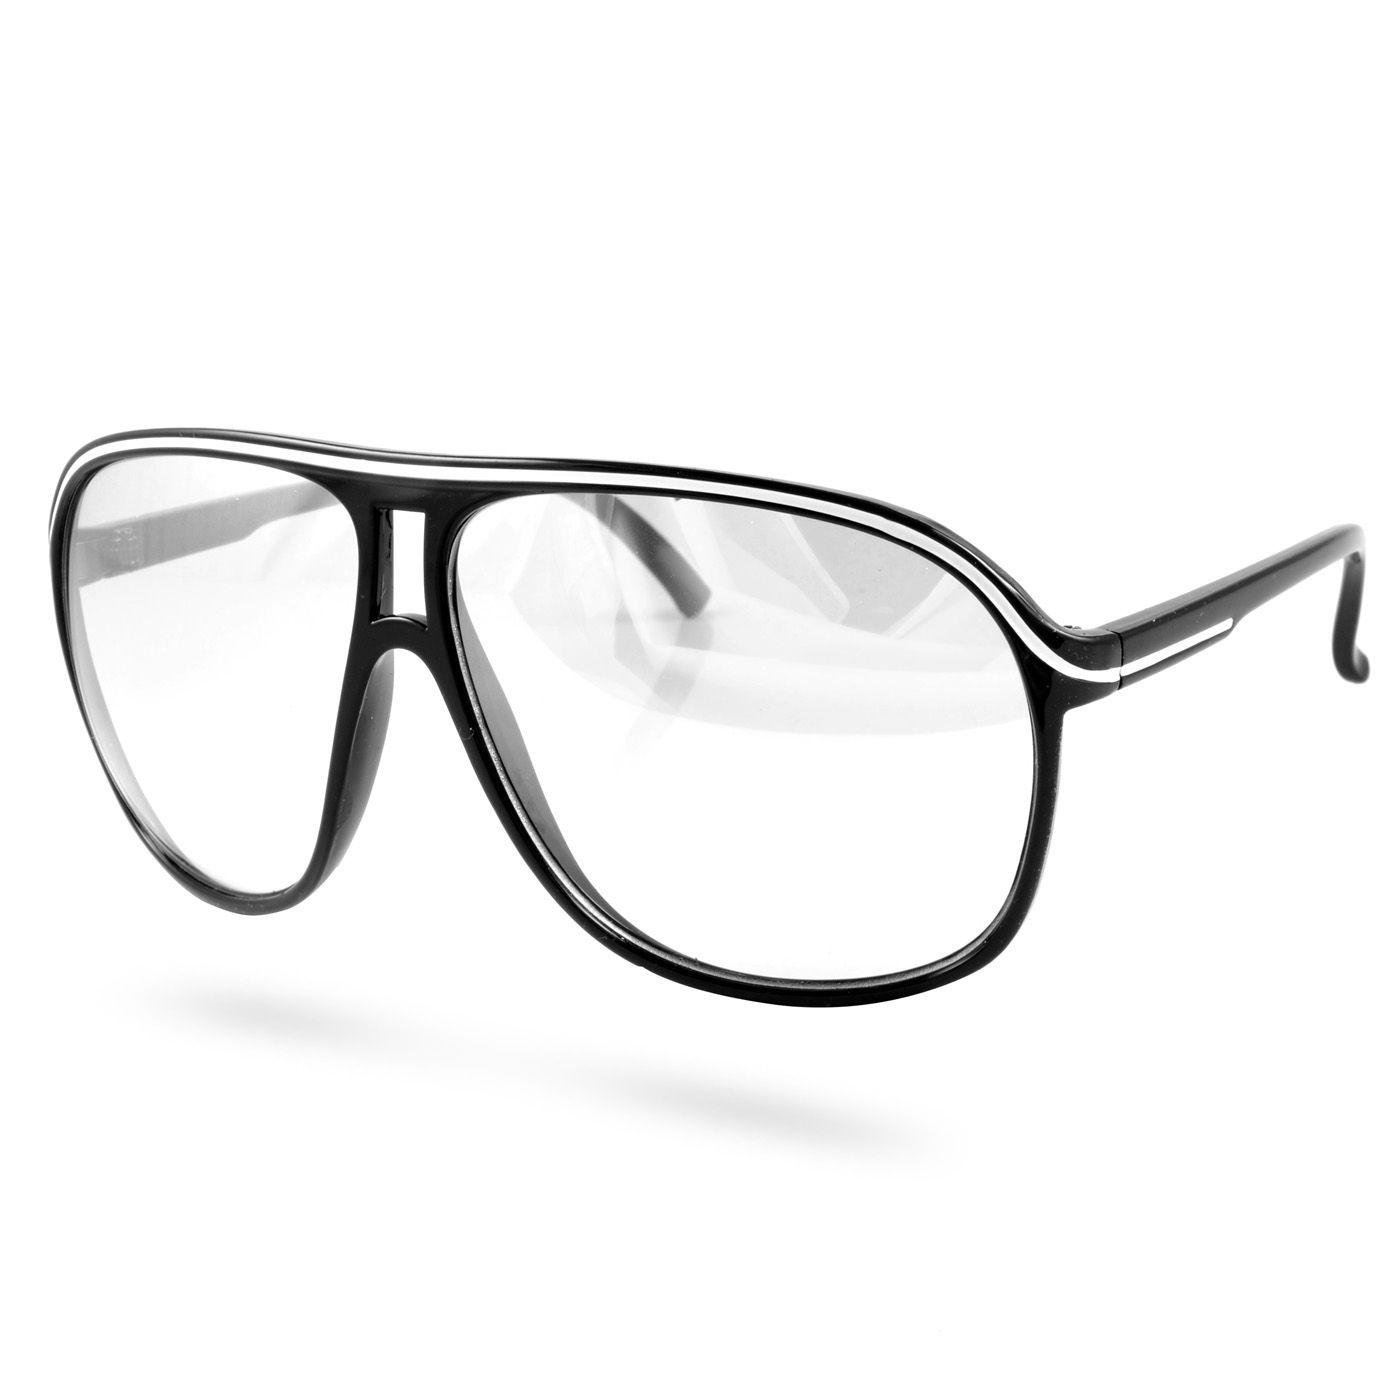 afed55d93bc9 Sorte Klare Vintage Briller - 115